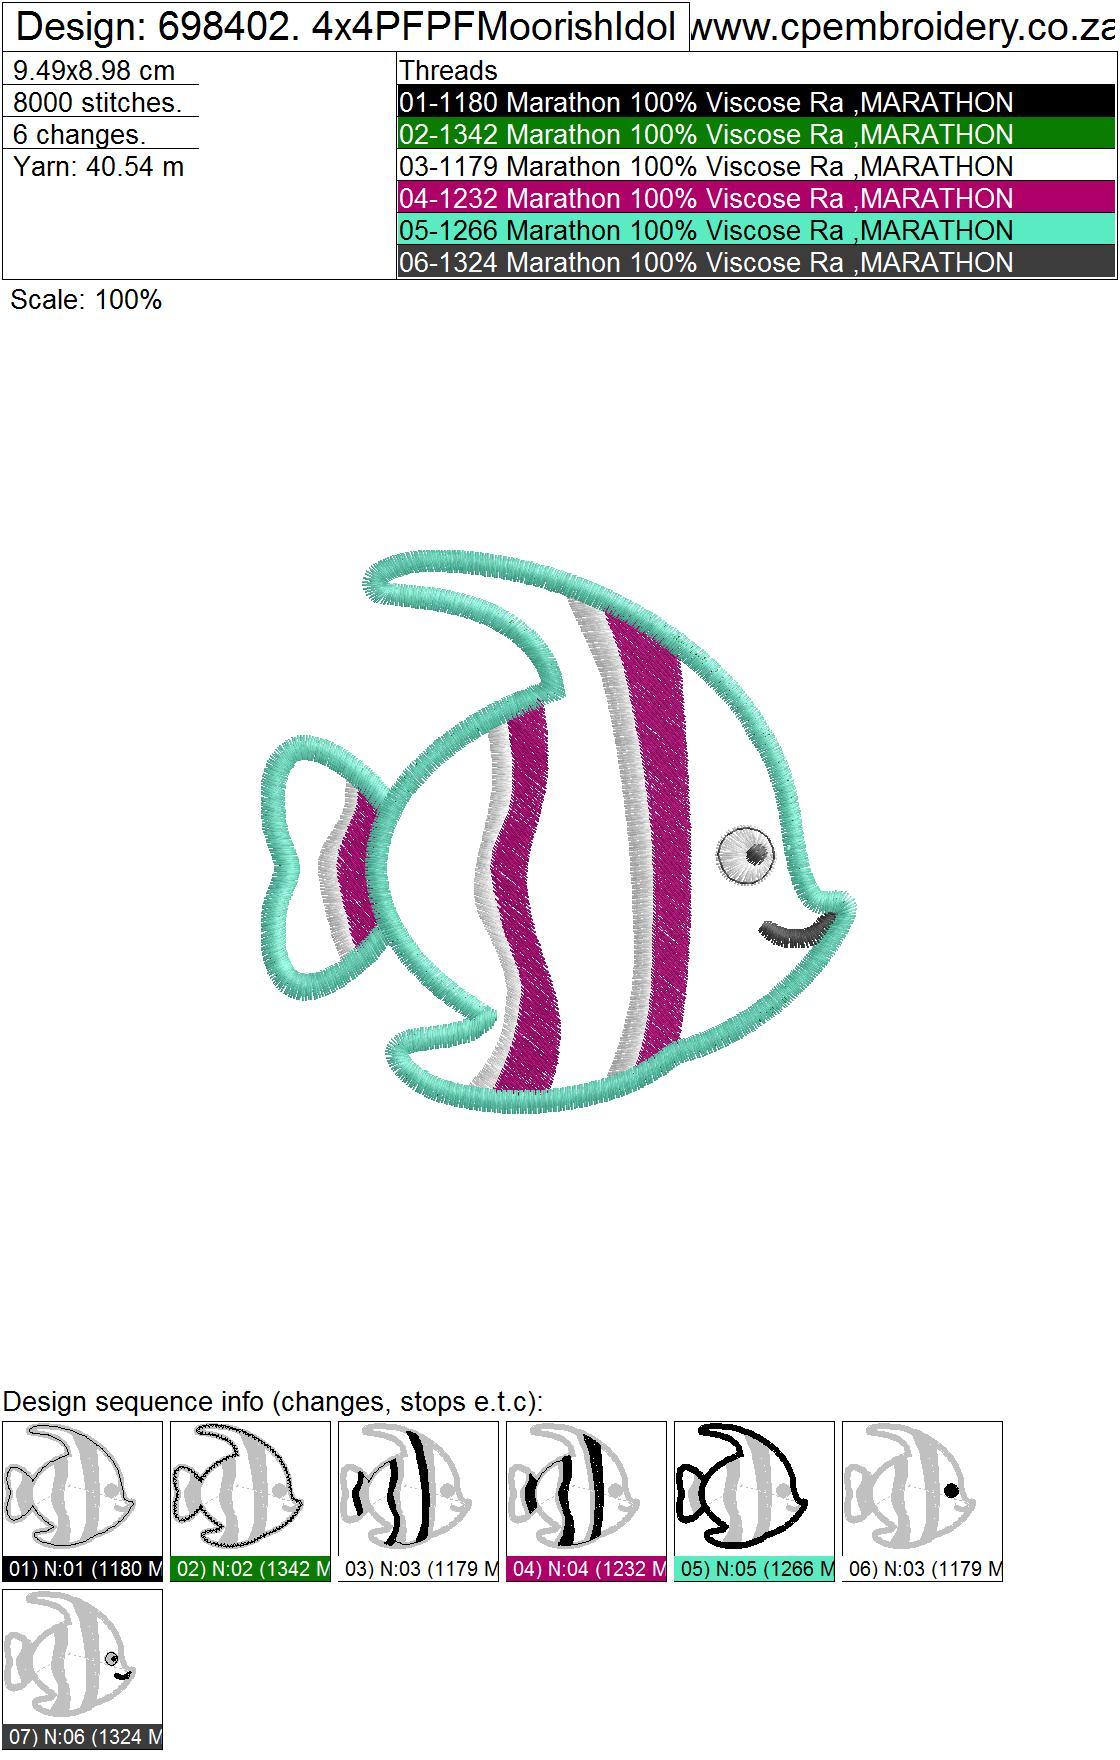 Striped Moorish Idol Pet Fish Applique Design example image 5